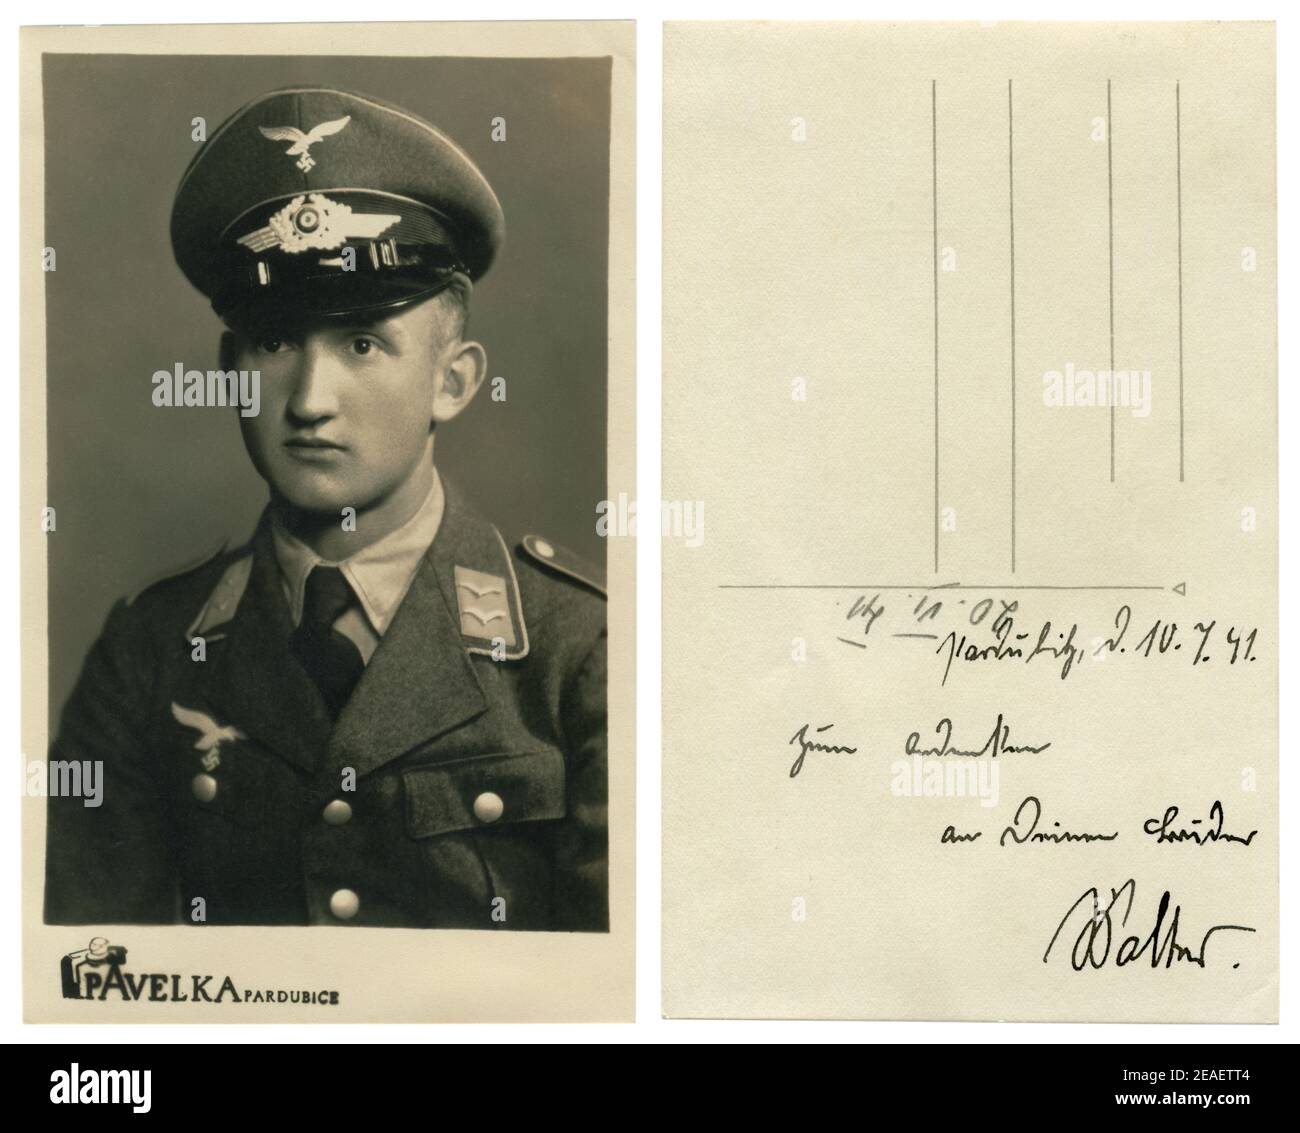 Photo historique allemande : jeune homme beau, Unterfeldsbel de l'armée de l'air (Luftwaffe) en uniforme militaire, Pardubice, tchèque occupé, troisième Reich 1941 Banque D'Images